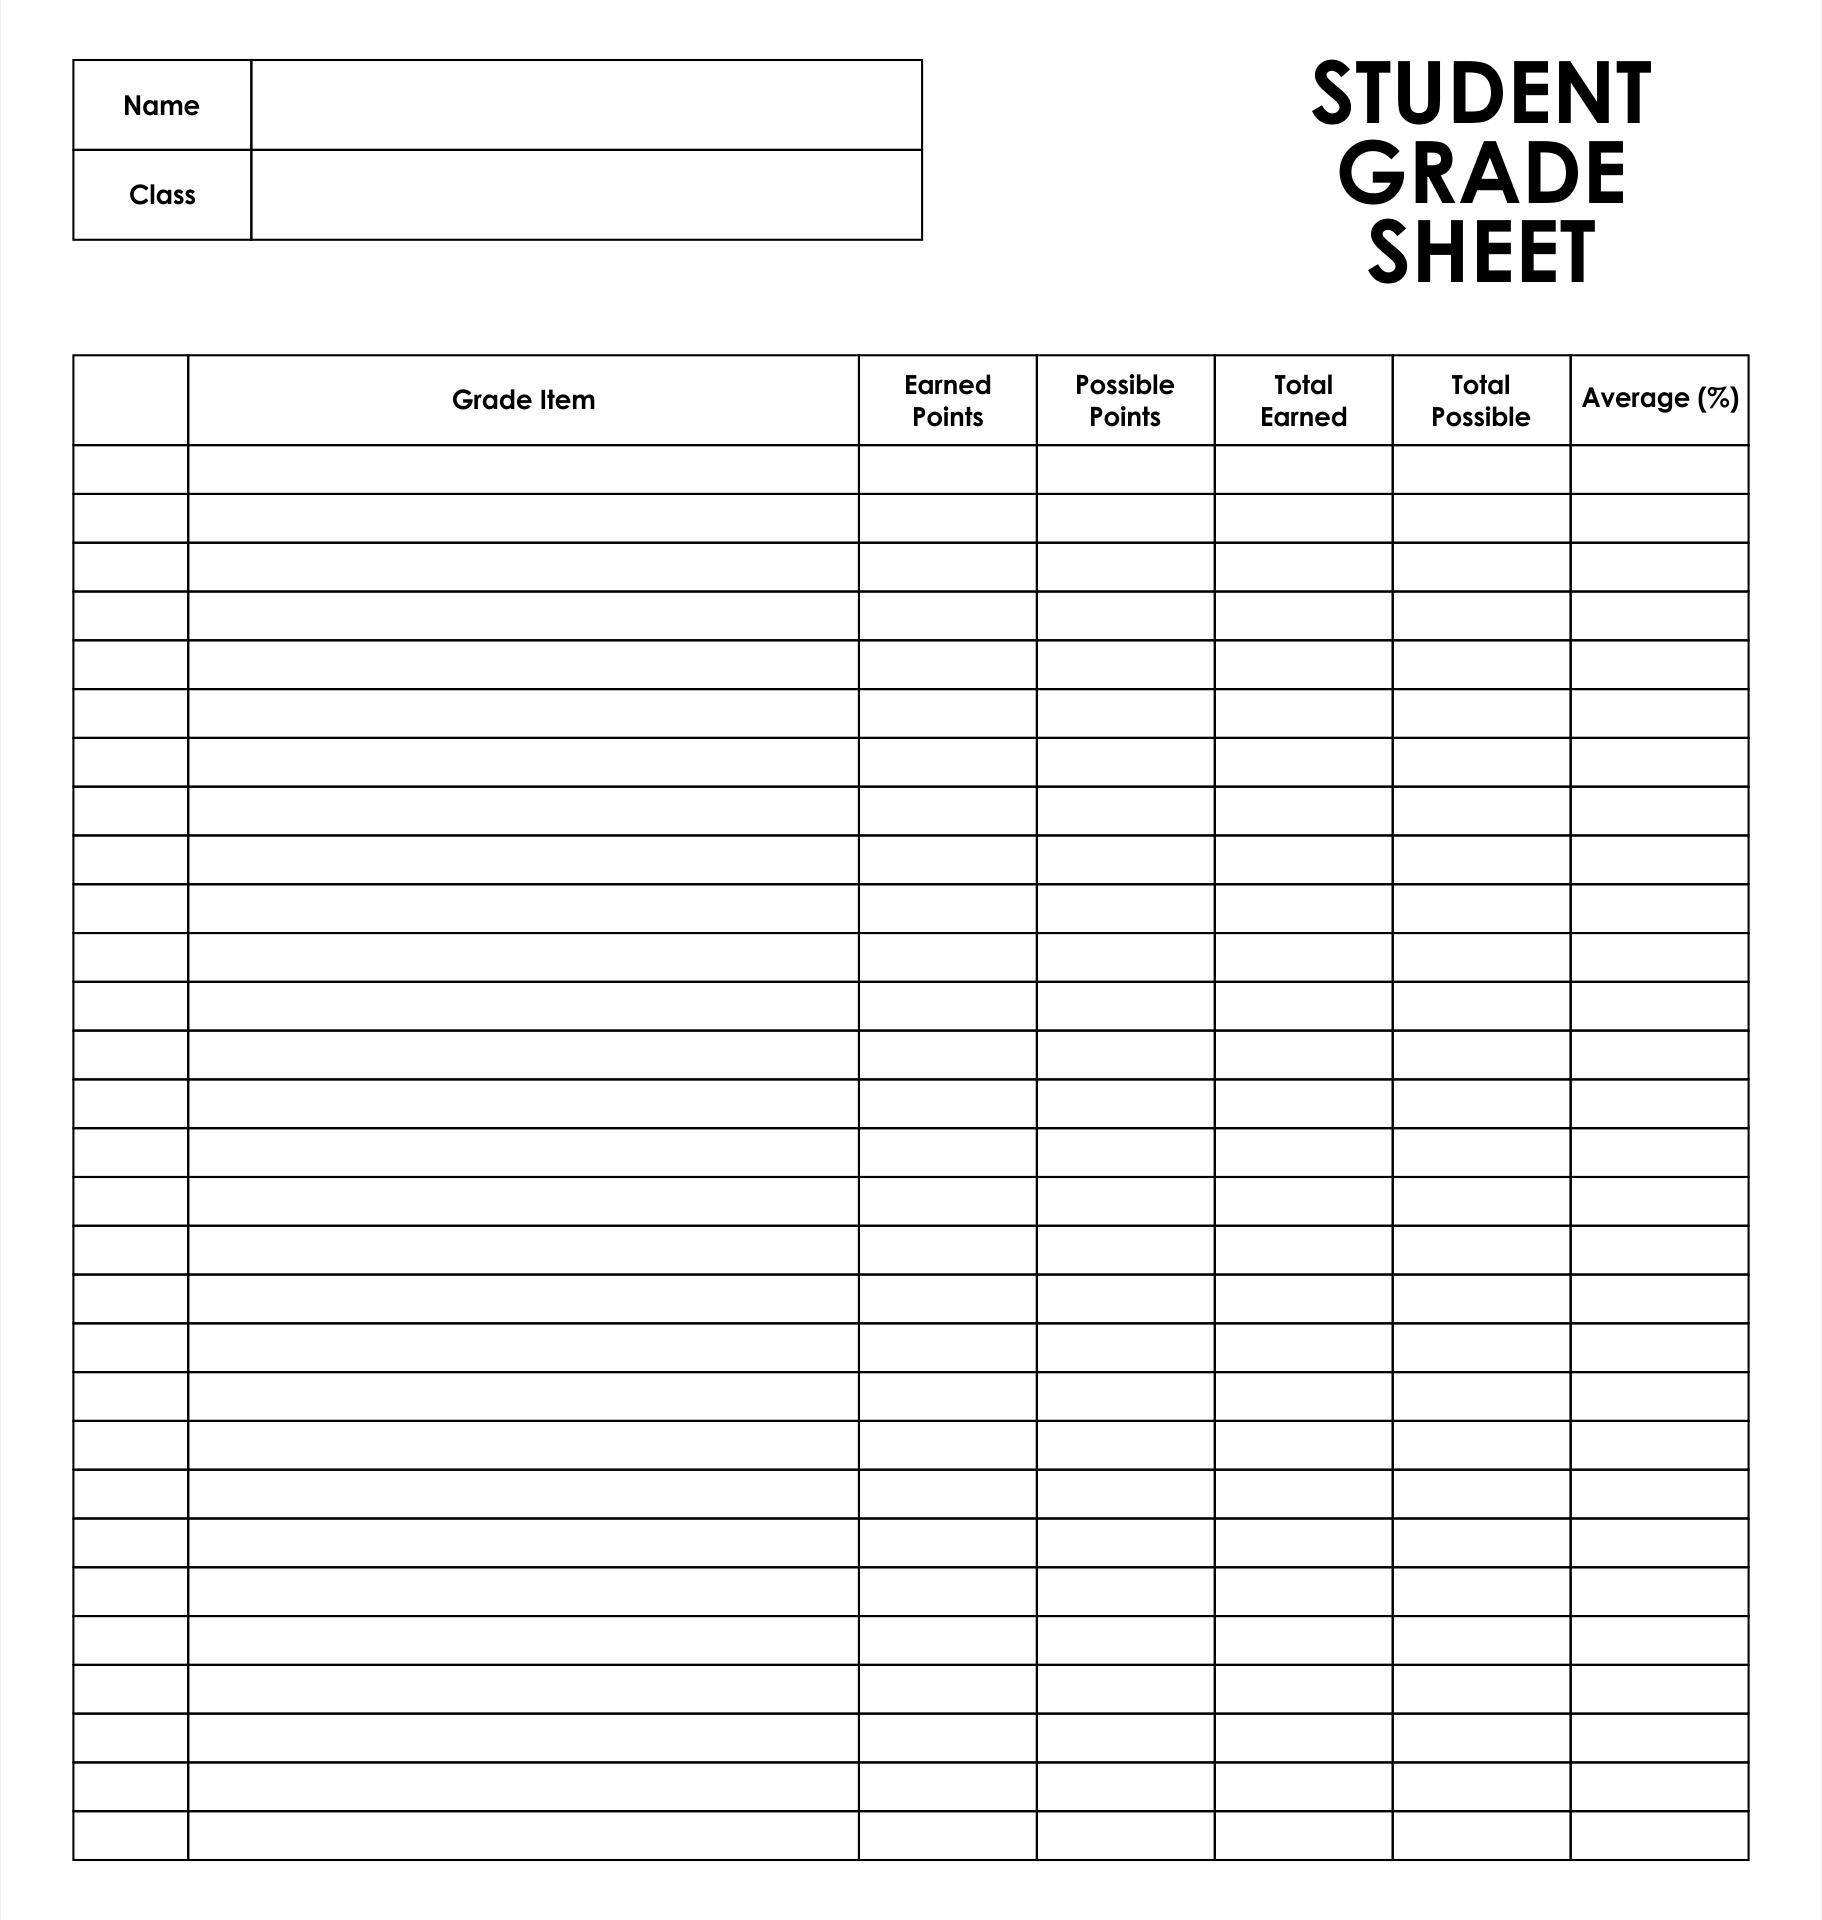 Student Grade Sheet Template